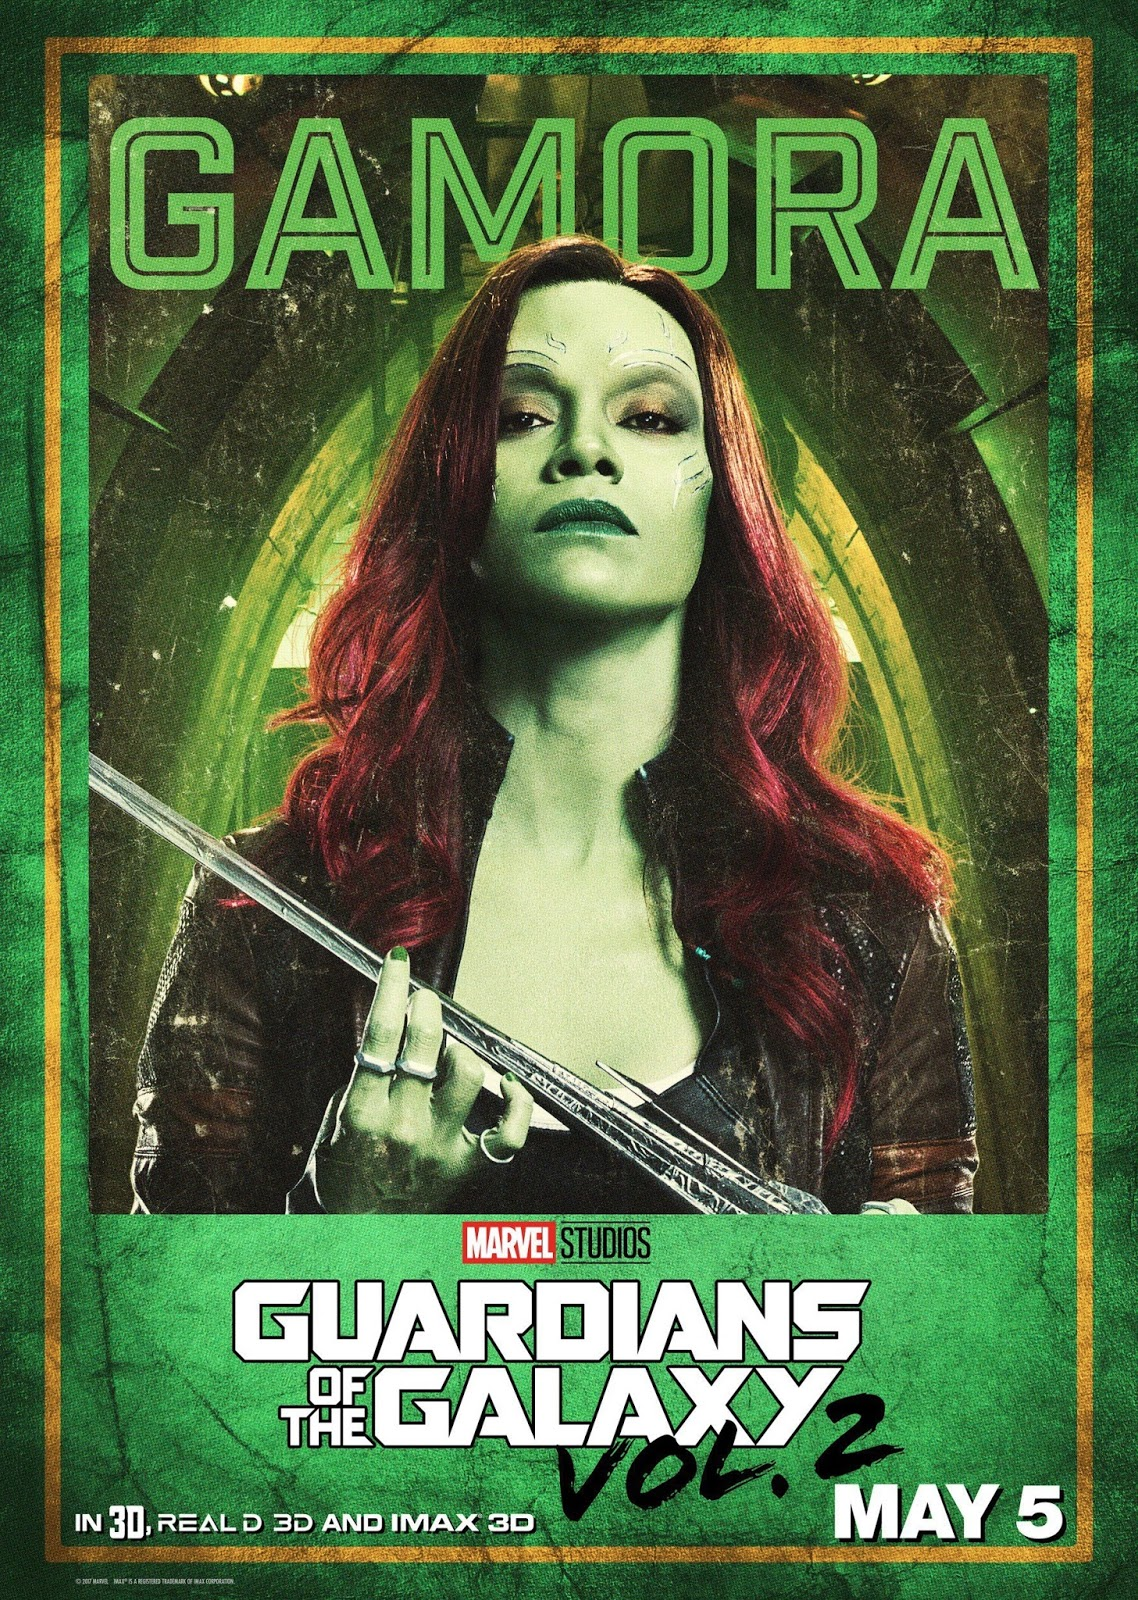 Стражи Галактики Часть 2, Guardians of the Galaxy Vol 2, Гамора, Gamora